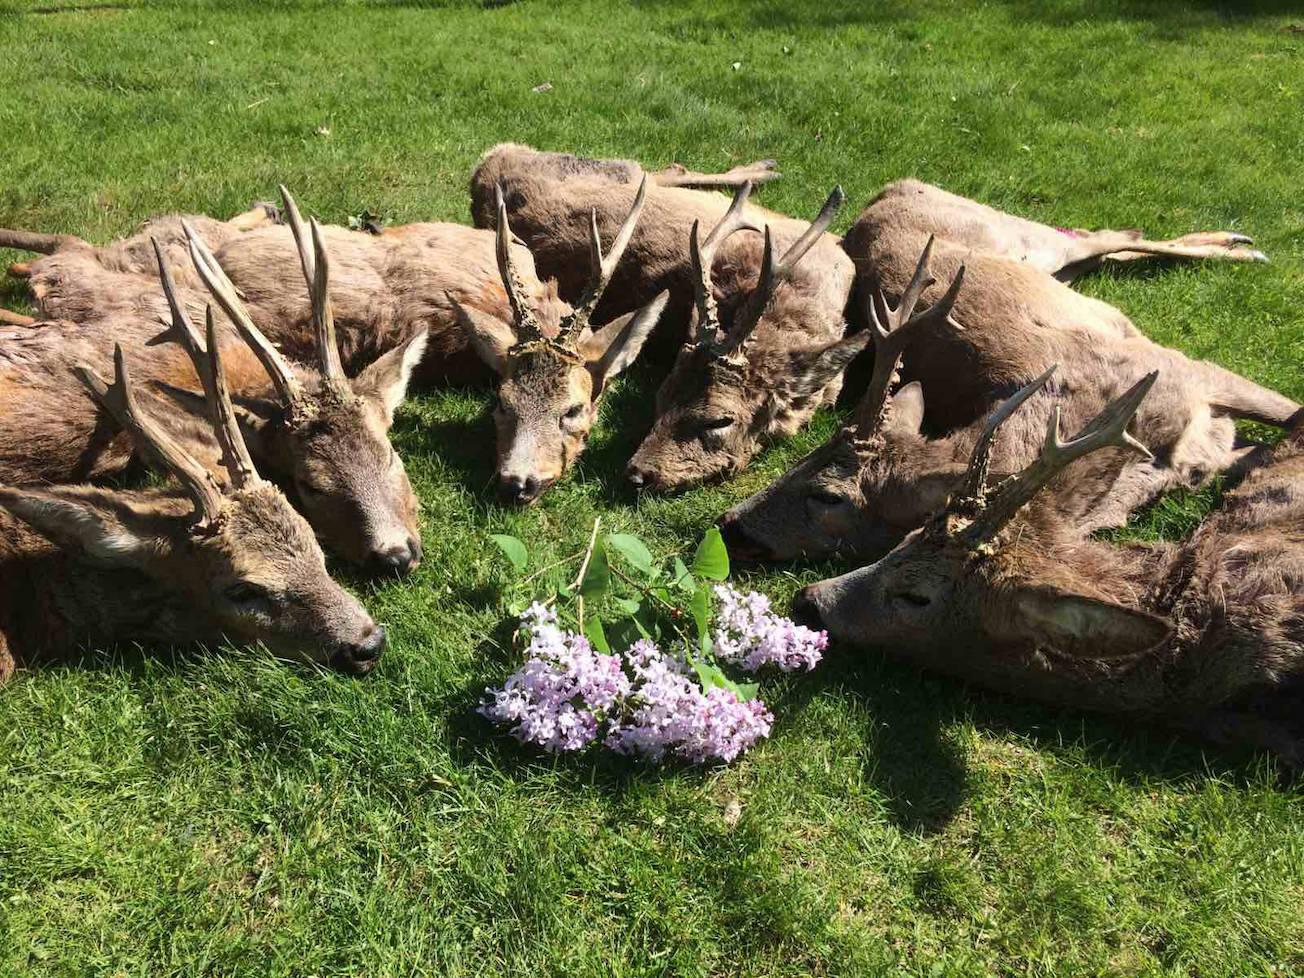 Őzbak (350gr felett) és őz tarvad vadászat